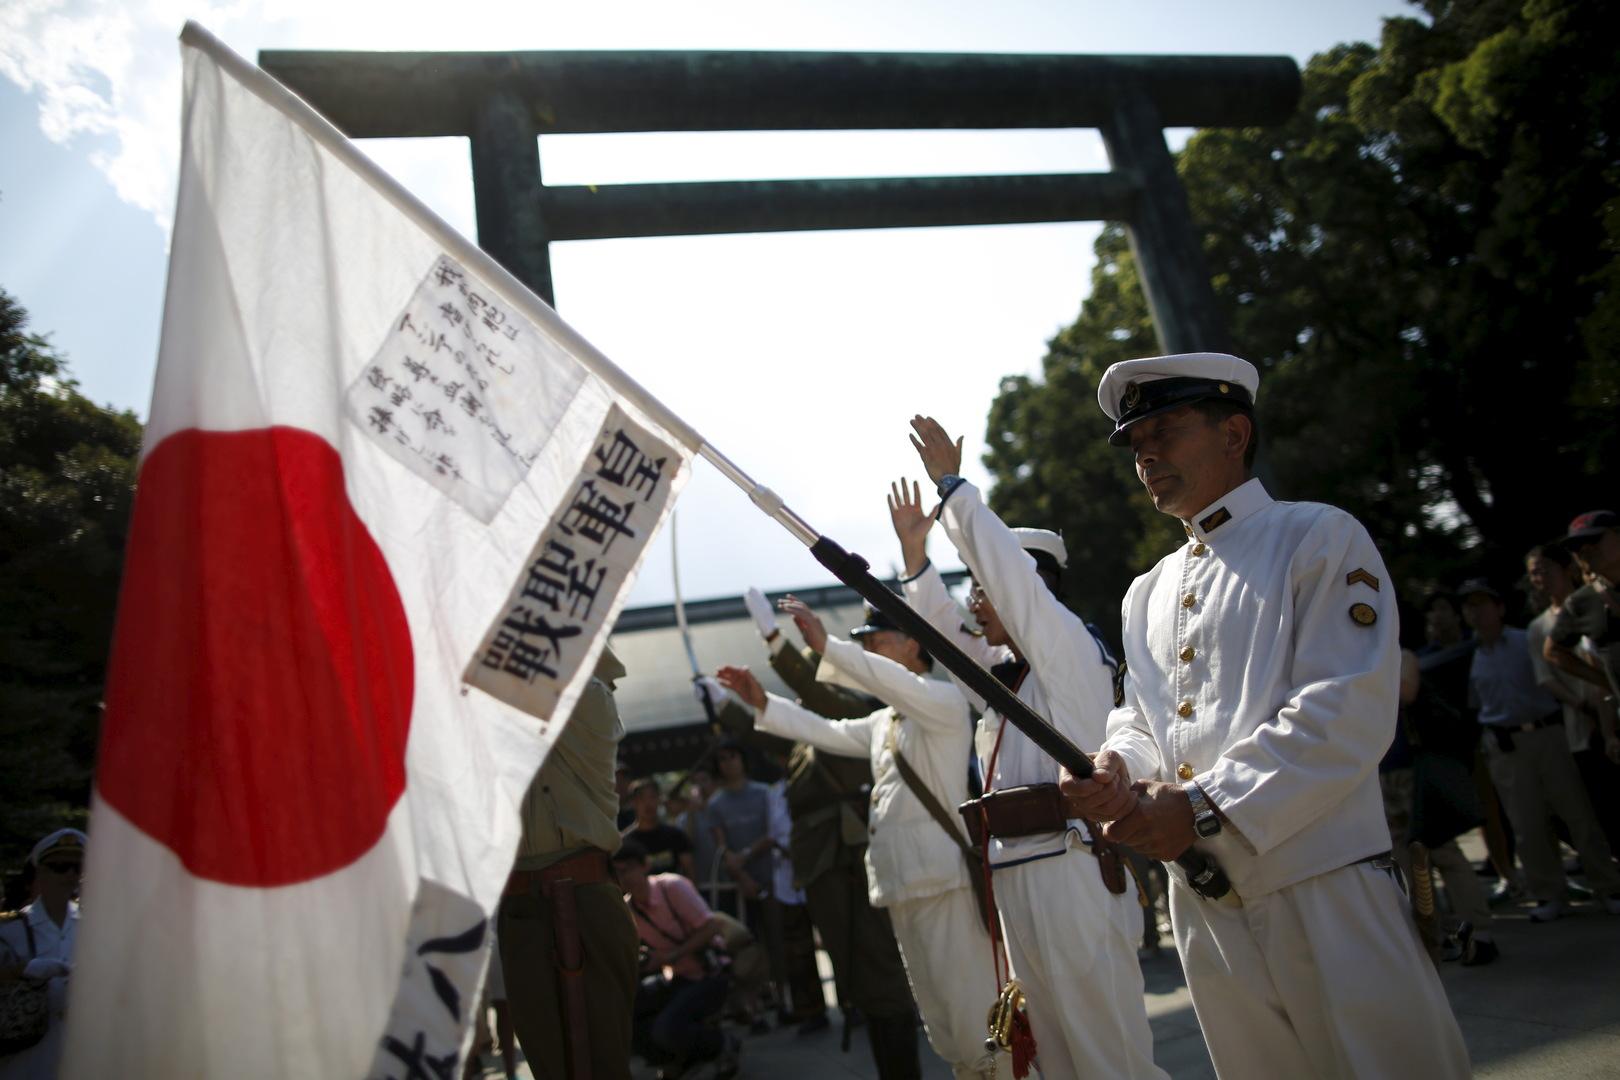 رفع السرية عن وثائق تتضمن أدلة على تحضيرات اليابان للحرب مع الاتحاد السوفيتي